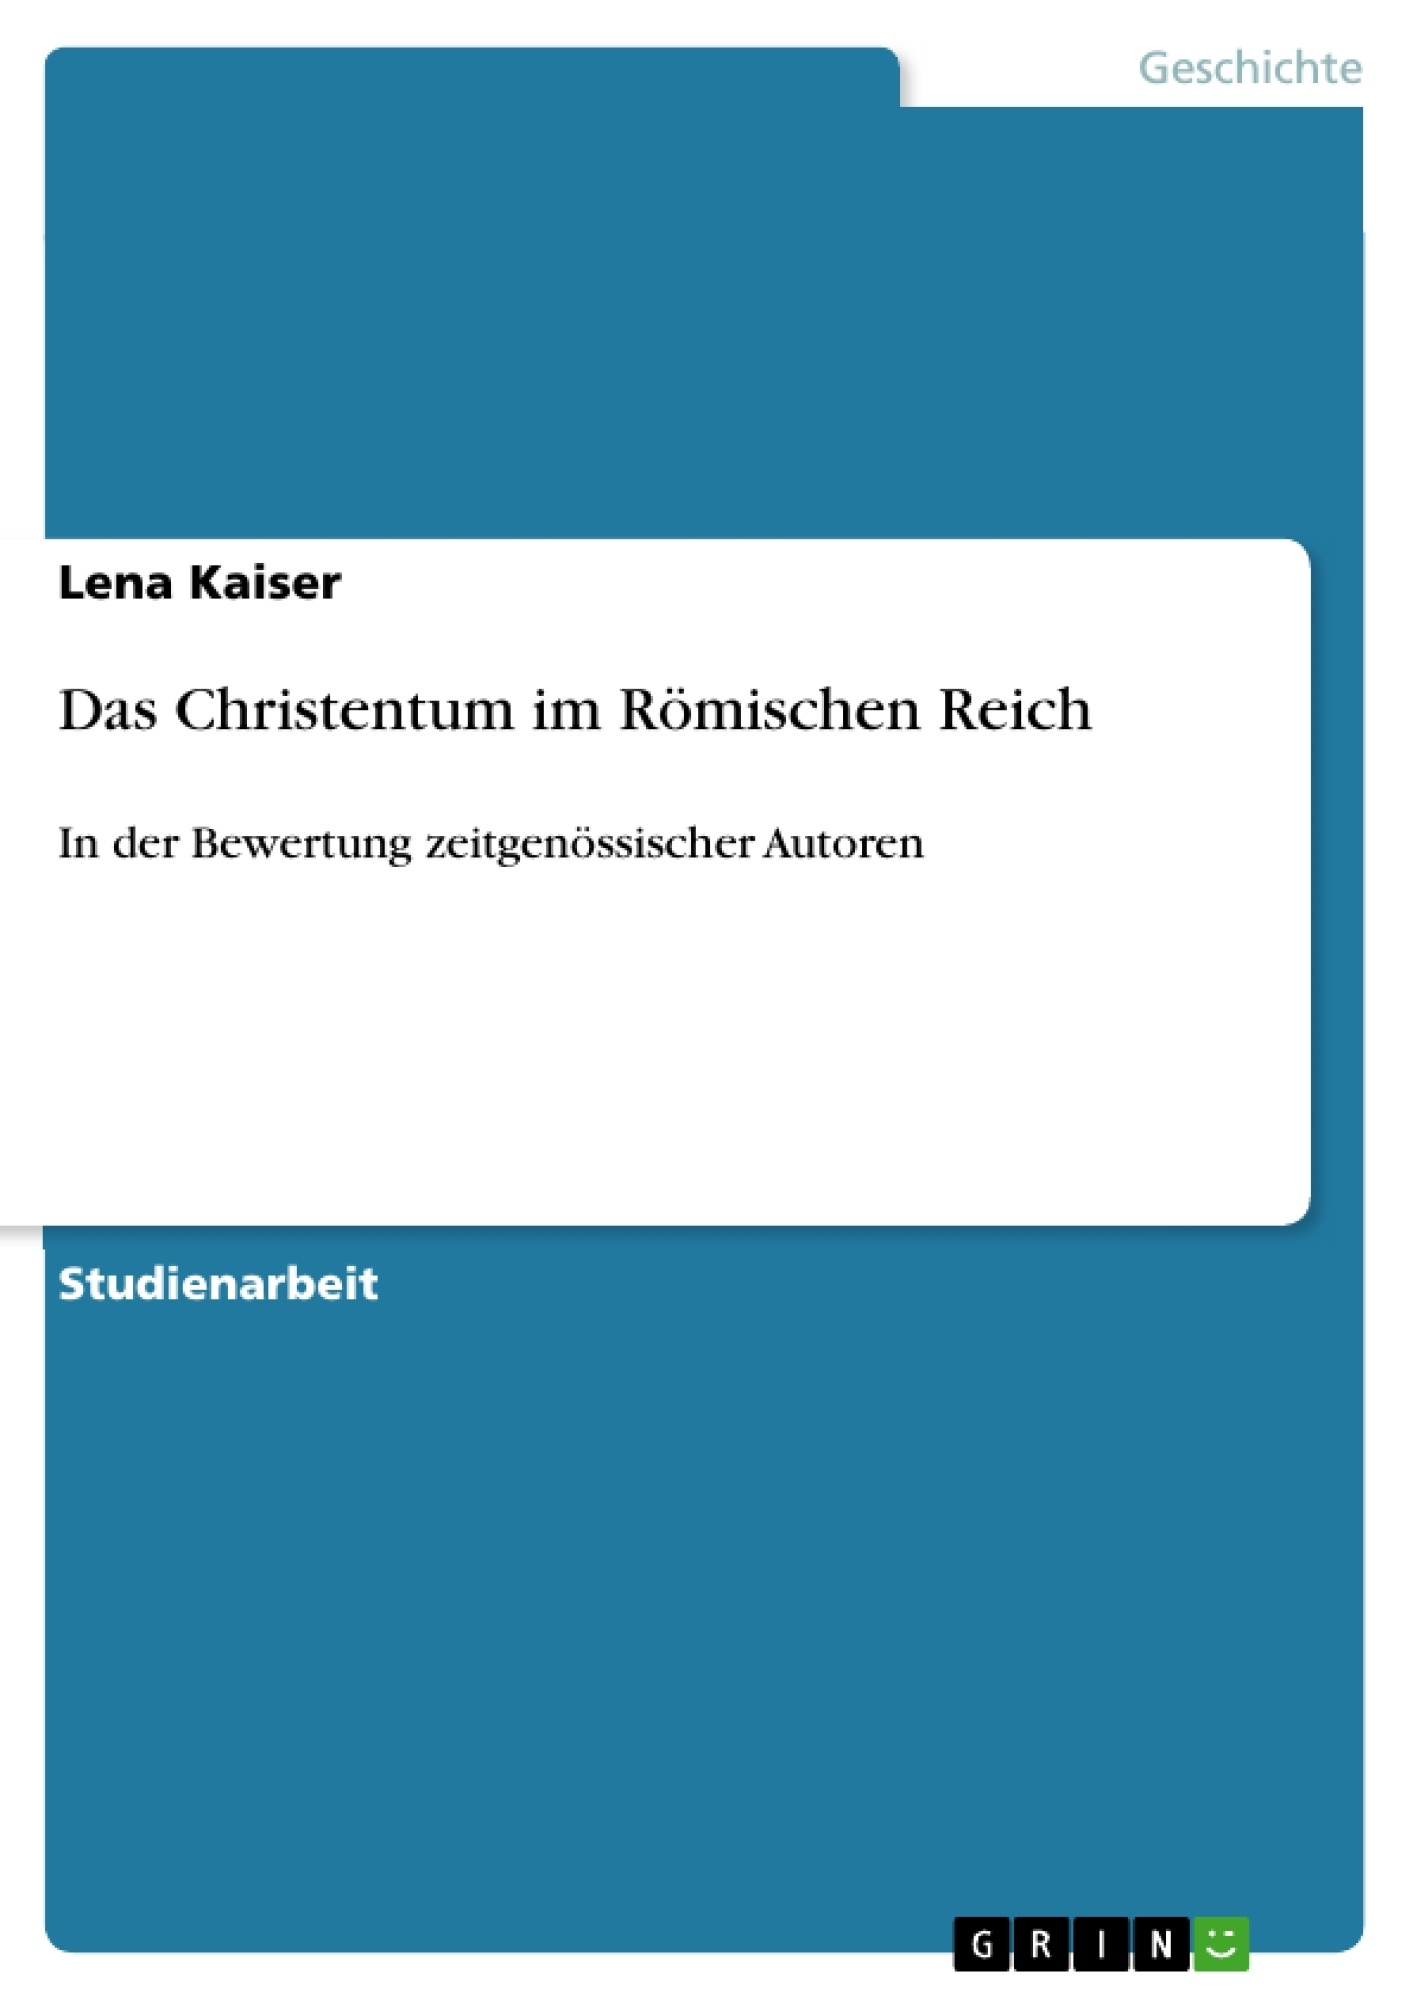 Titel: Das Christentum im Römischen Reich